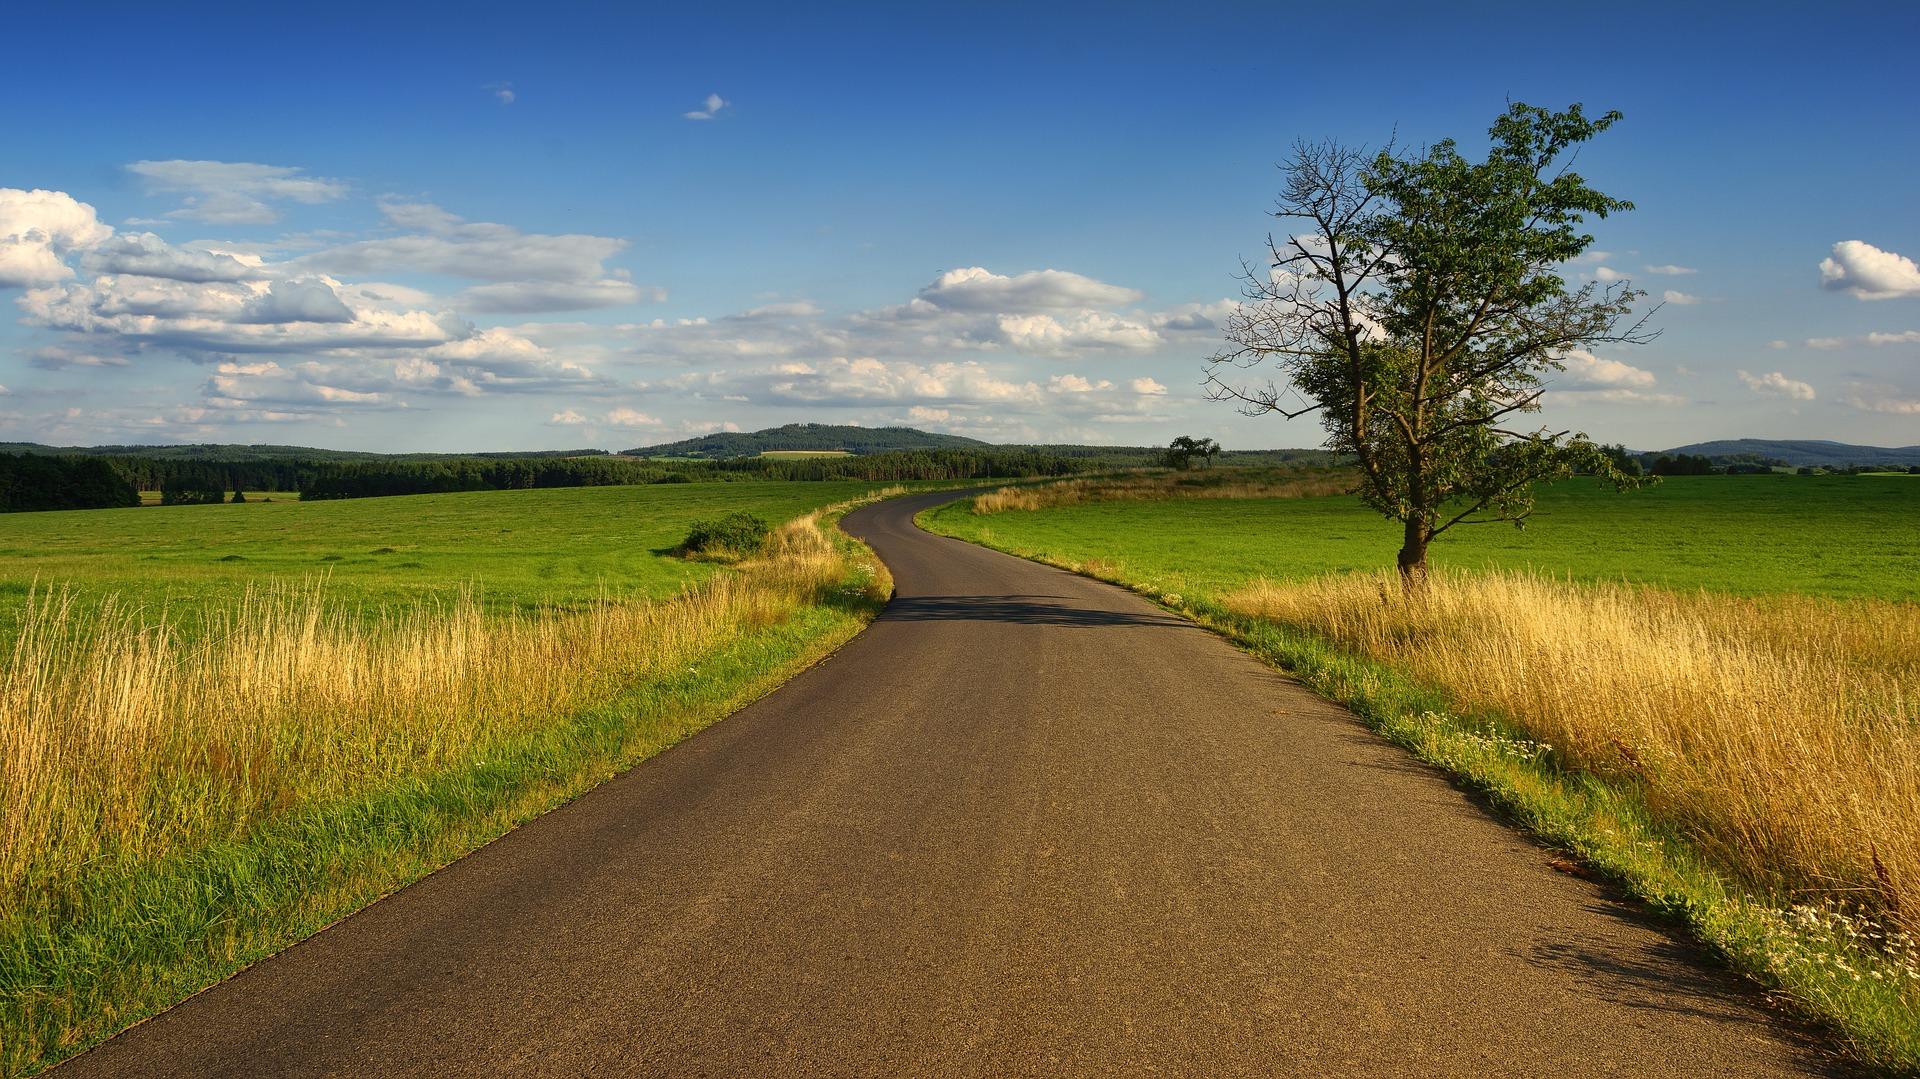 pielgrzymka - w drodze